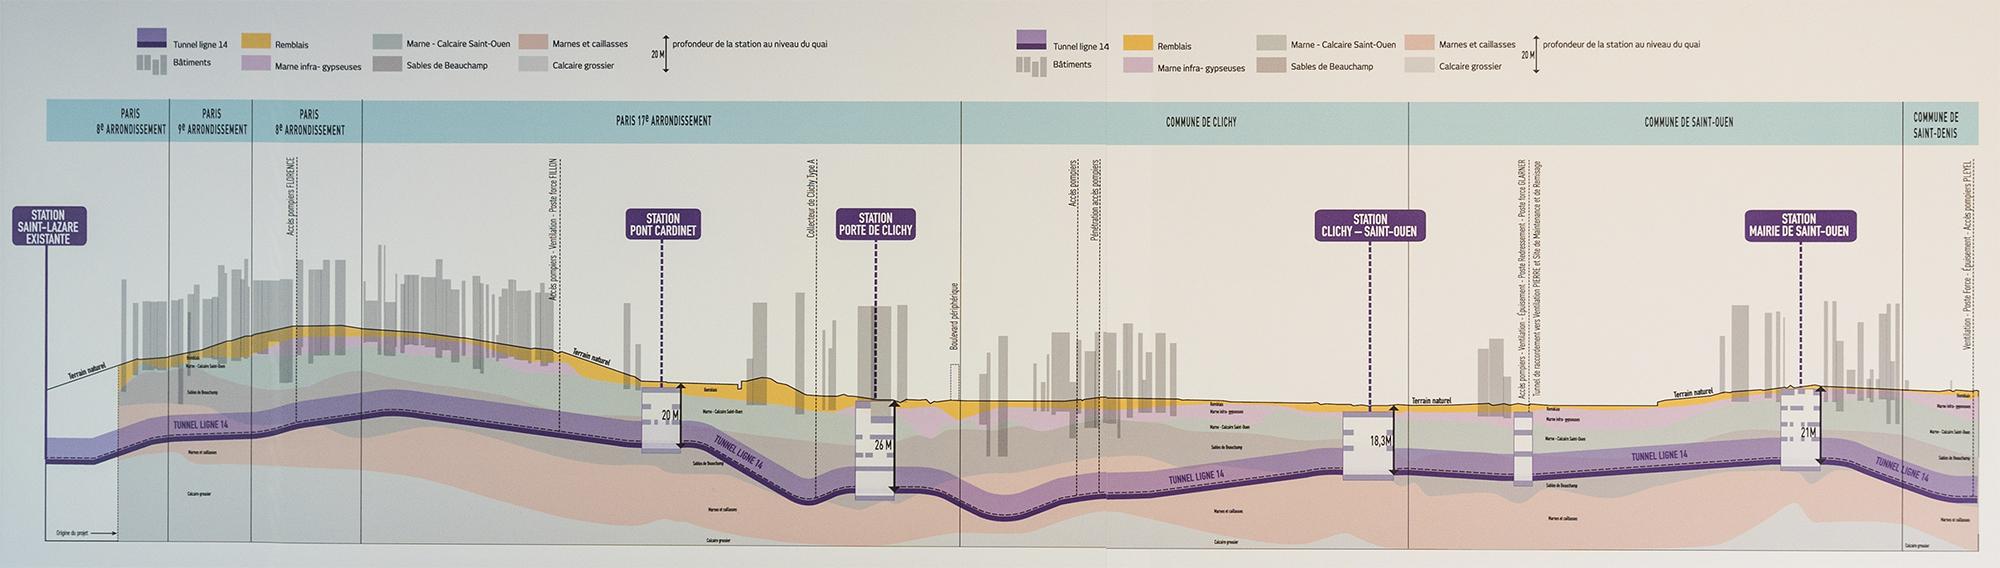 profil du tunnel de prolongement de la ligne 14 (Image RATP)